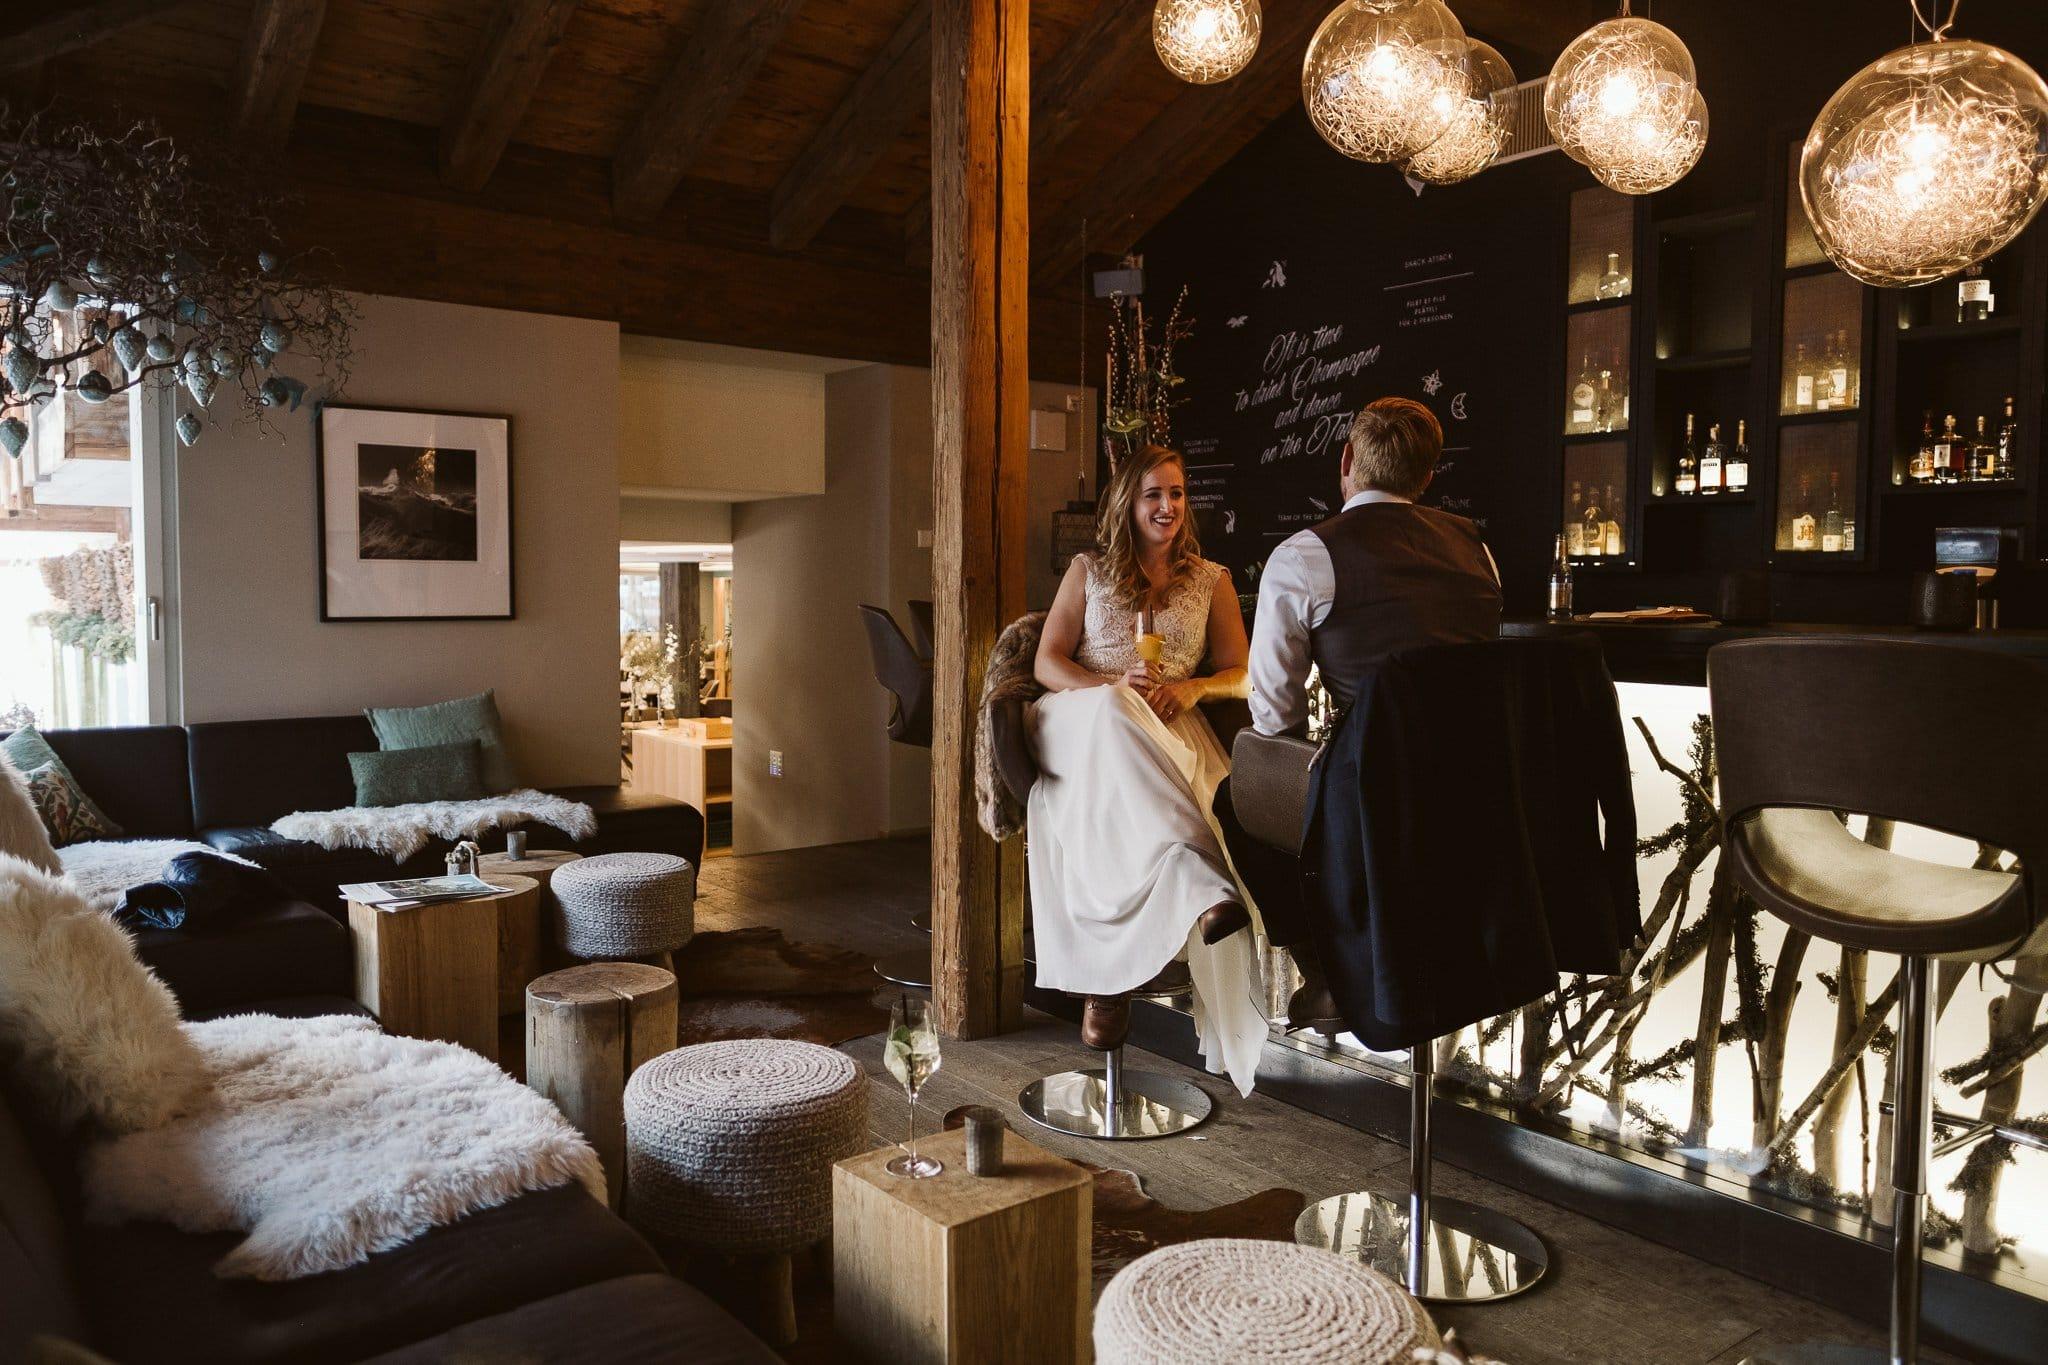 Bride and groom having cocktails at Matthiol Boutique Hotel in Zermatt, Switzerland.